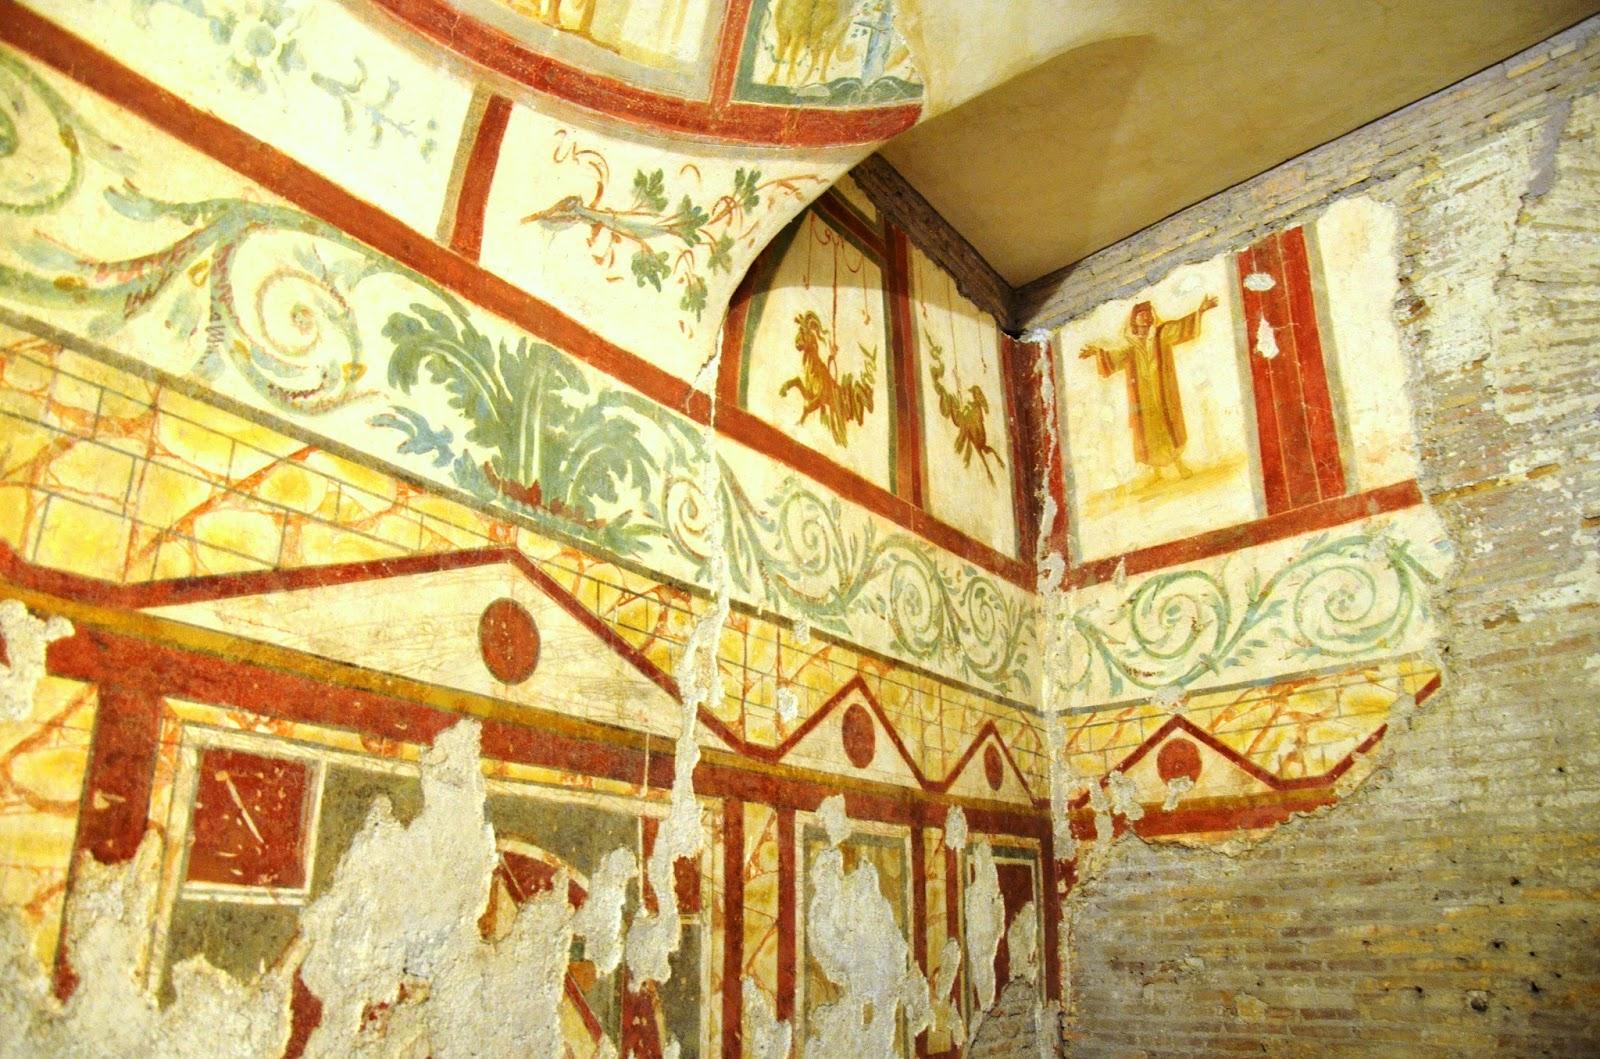 Le Case Romane del Celio e la Chiesa dei Santi Giovanni e Paolo